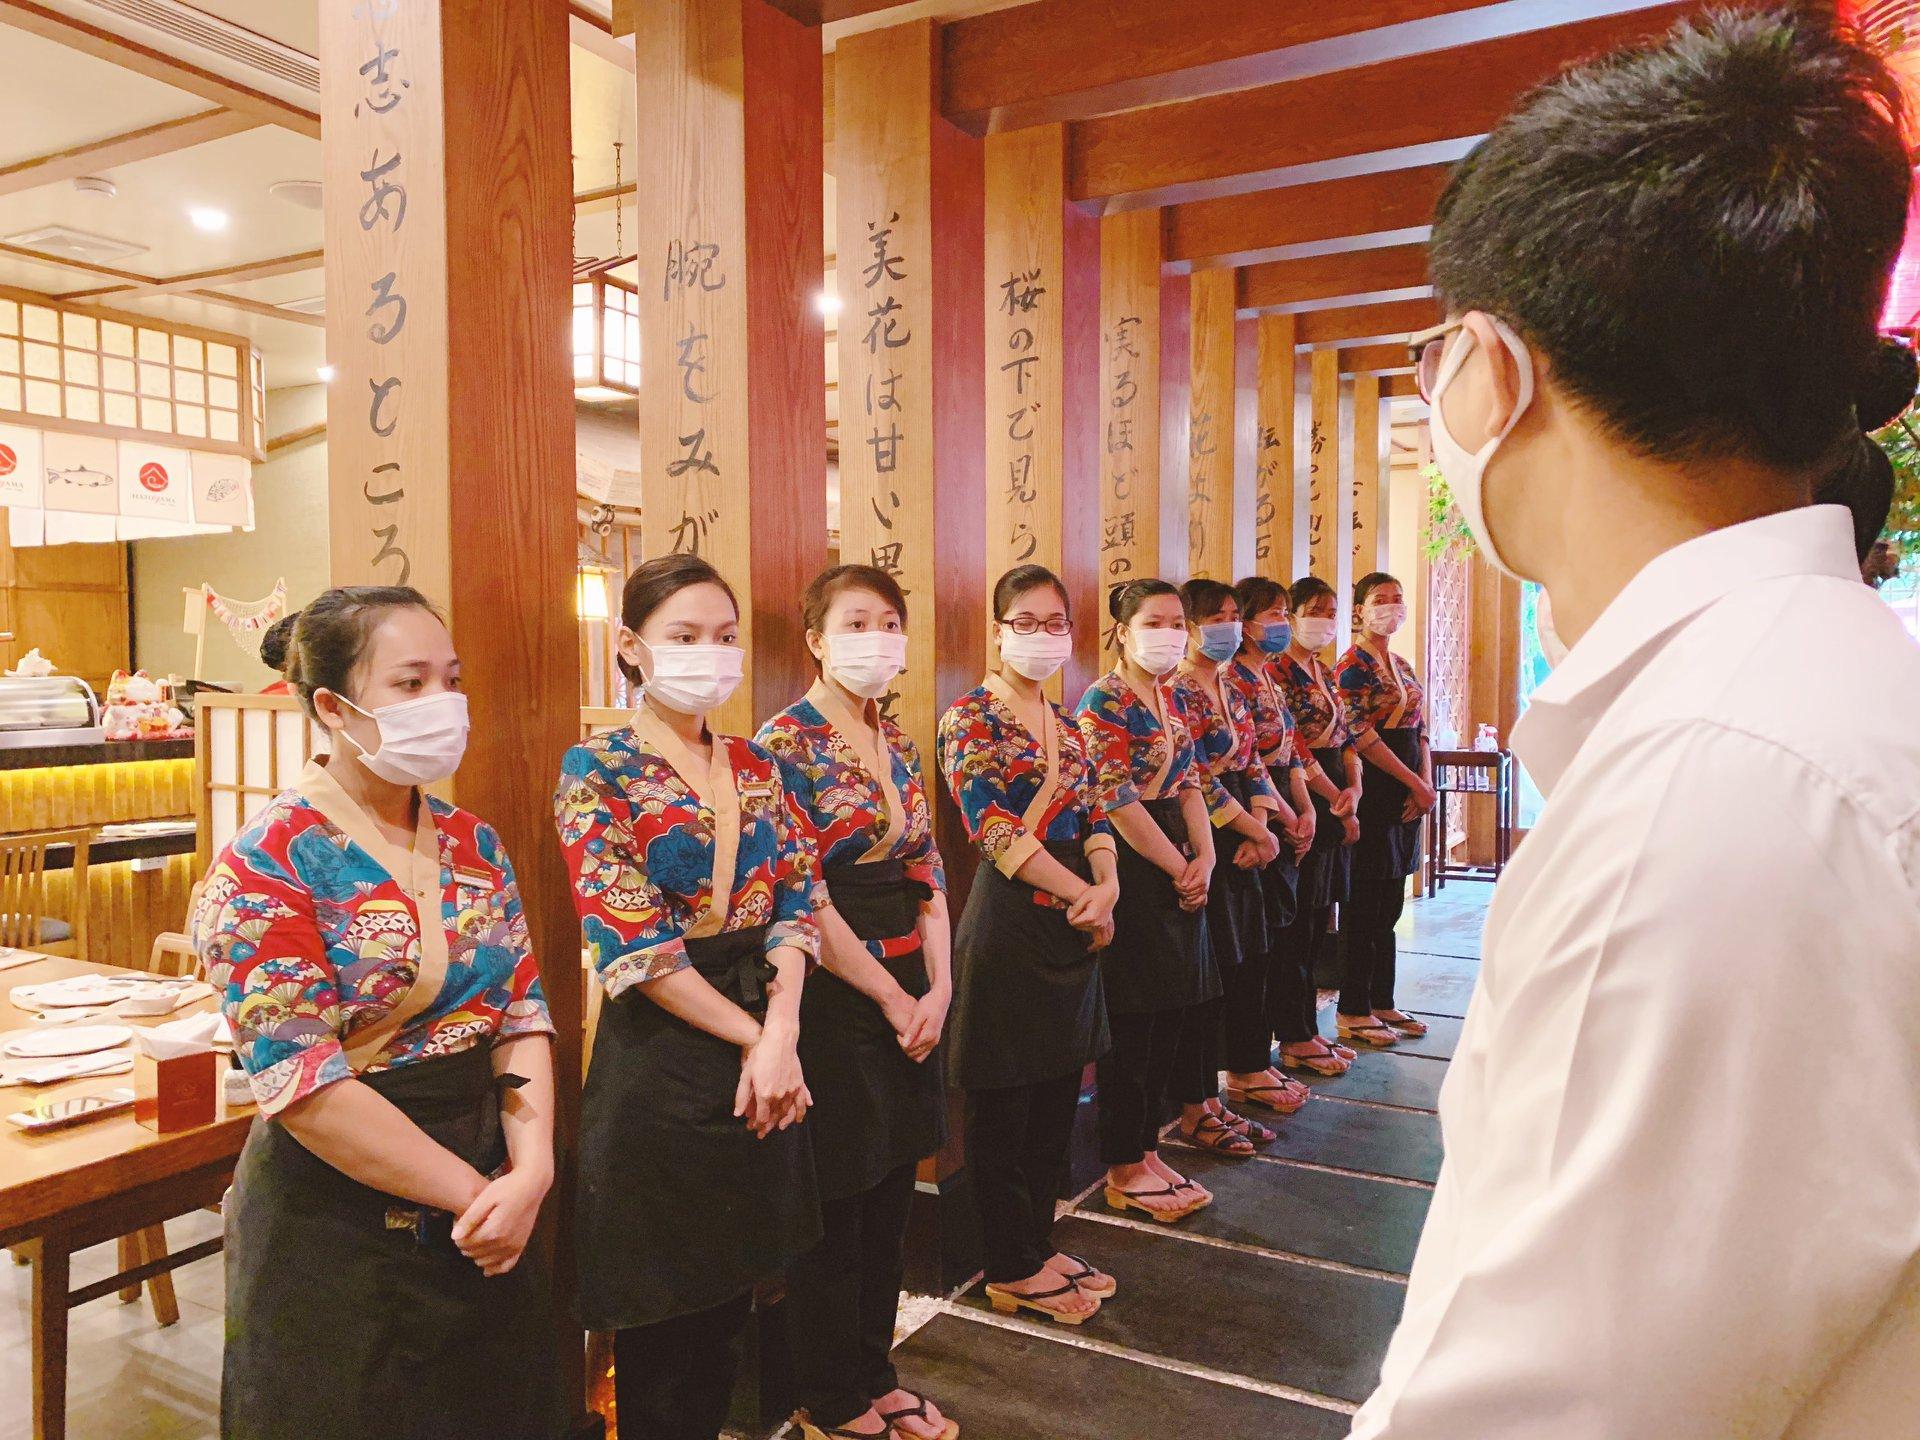 Hatoyama yêu cầu nhân viên nghiêm túc thực hiện quy định phòng chống dịch Covid-19